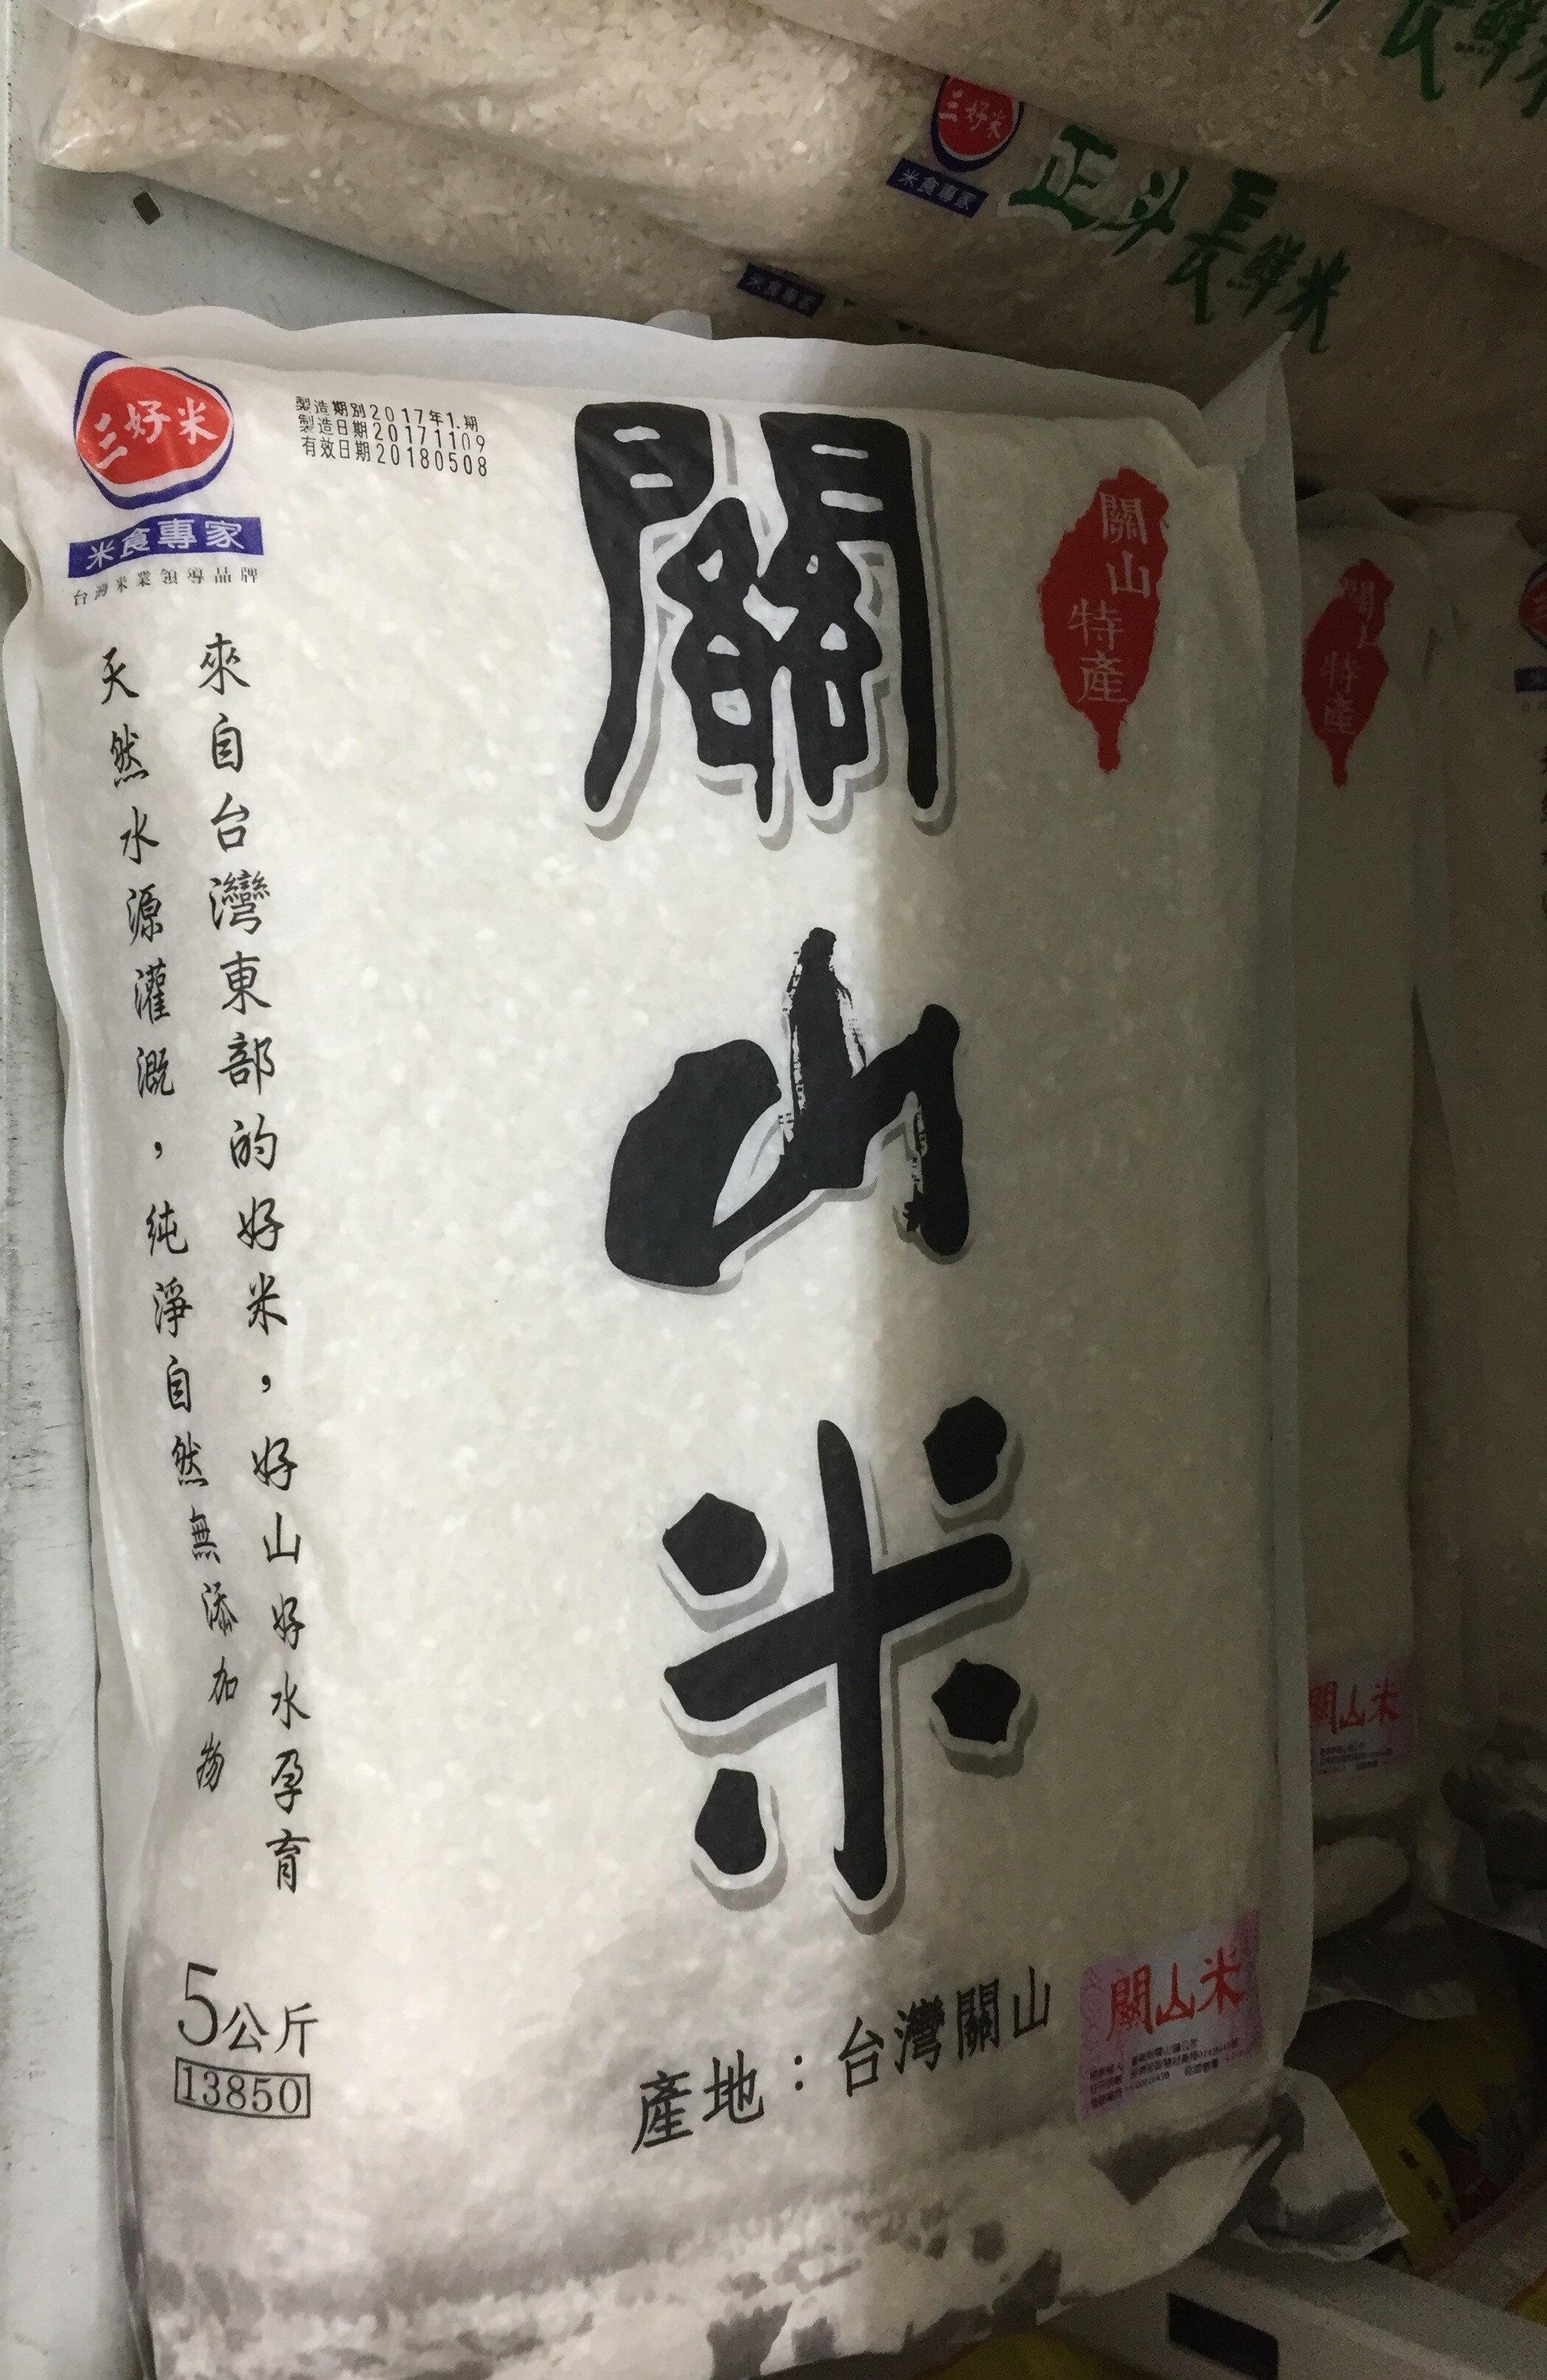 美琪 ((台灣之光)) 이스트 플라워 밥米粒Q彈 關山米 쌀 곡물 Q 껍질5kg/包